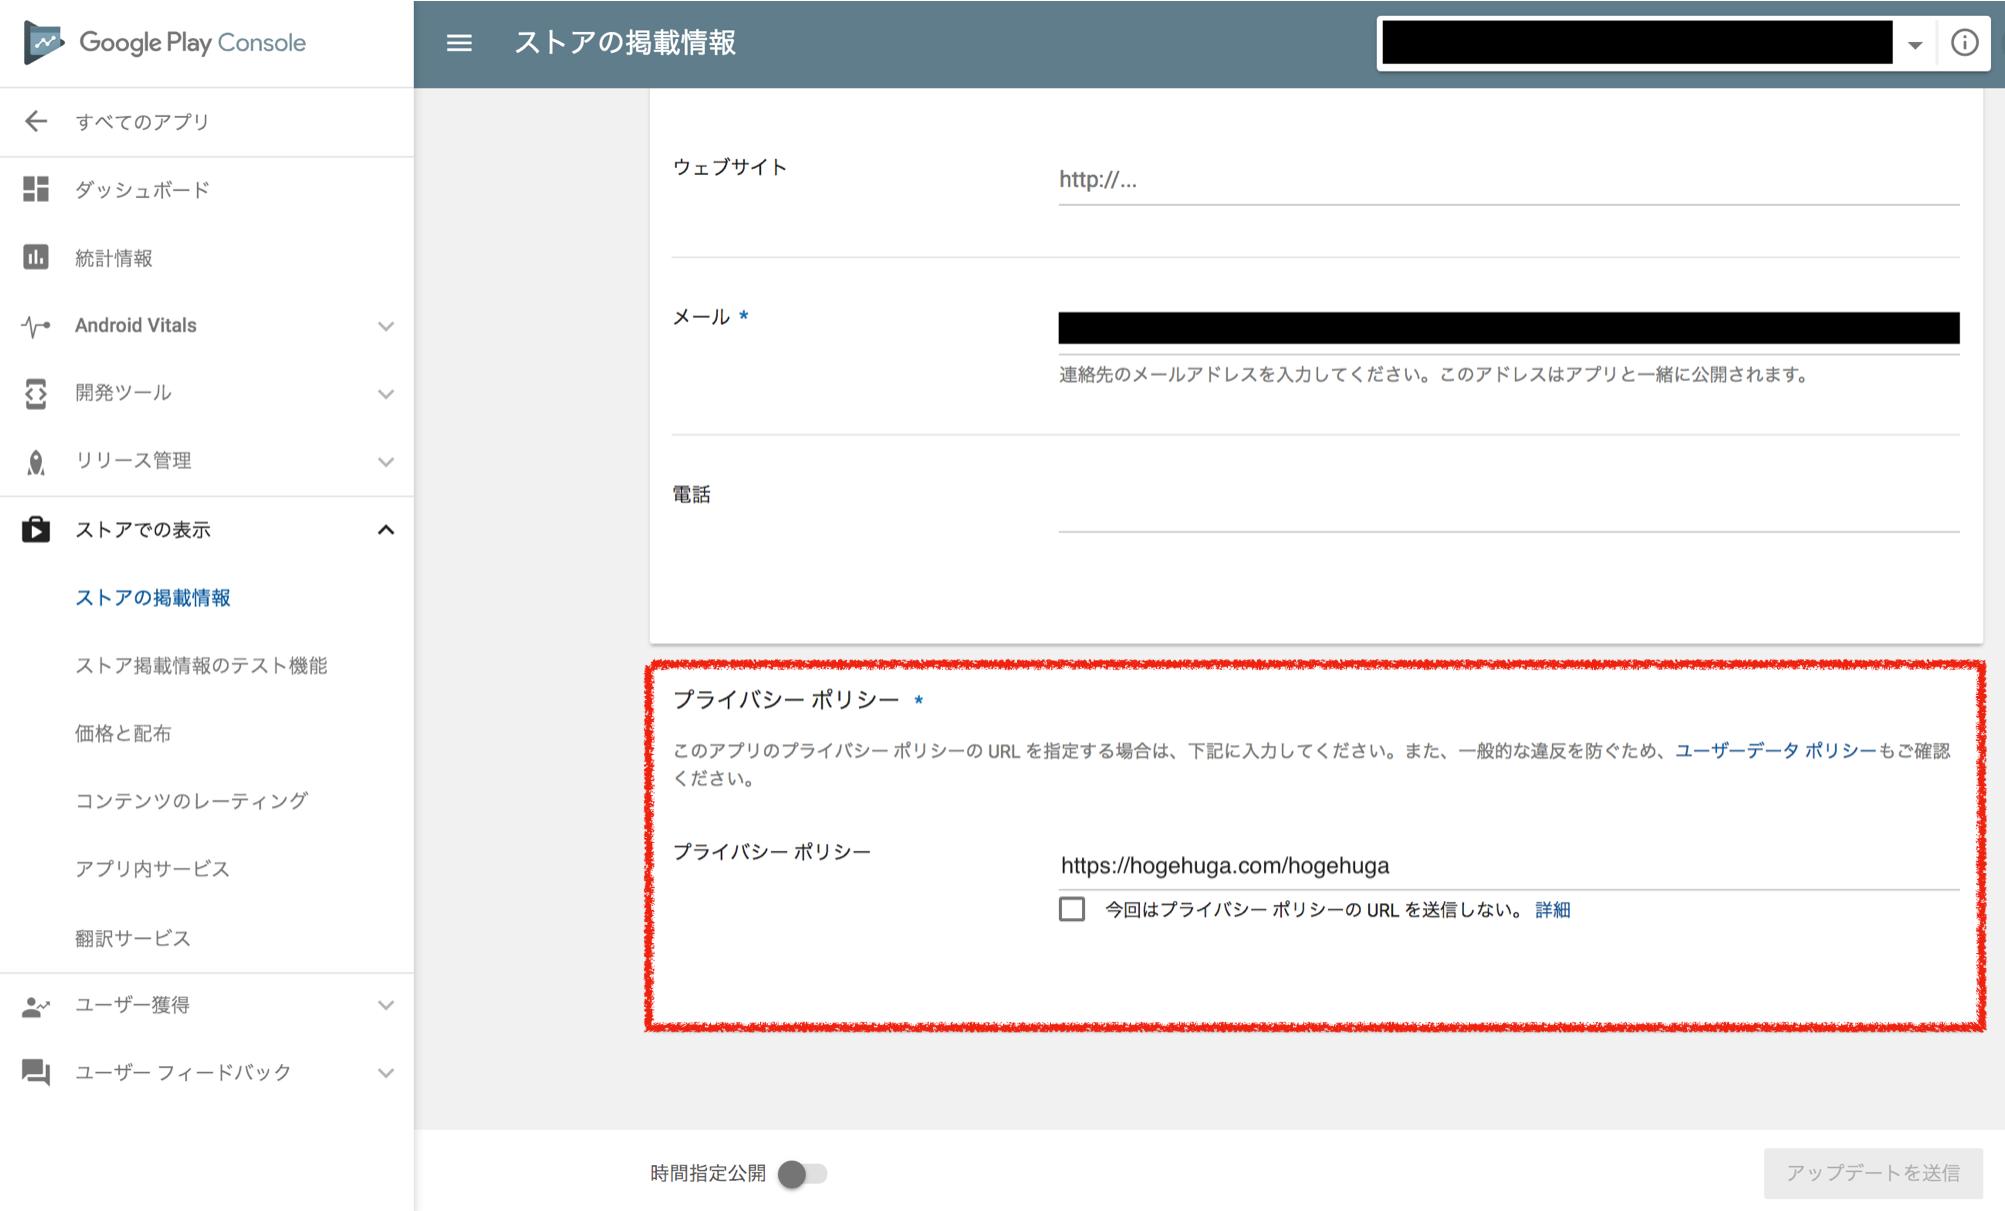 developer_console